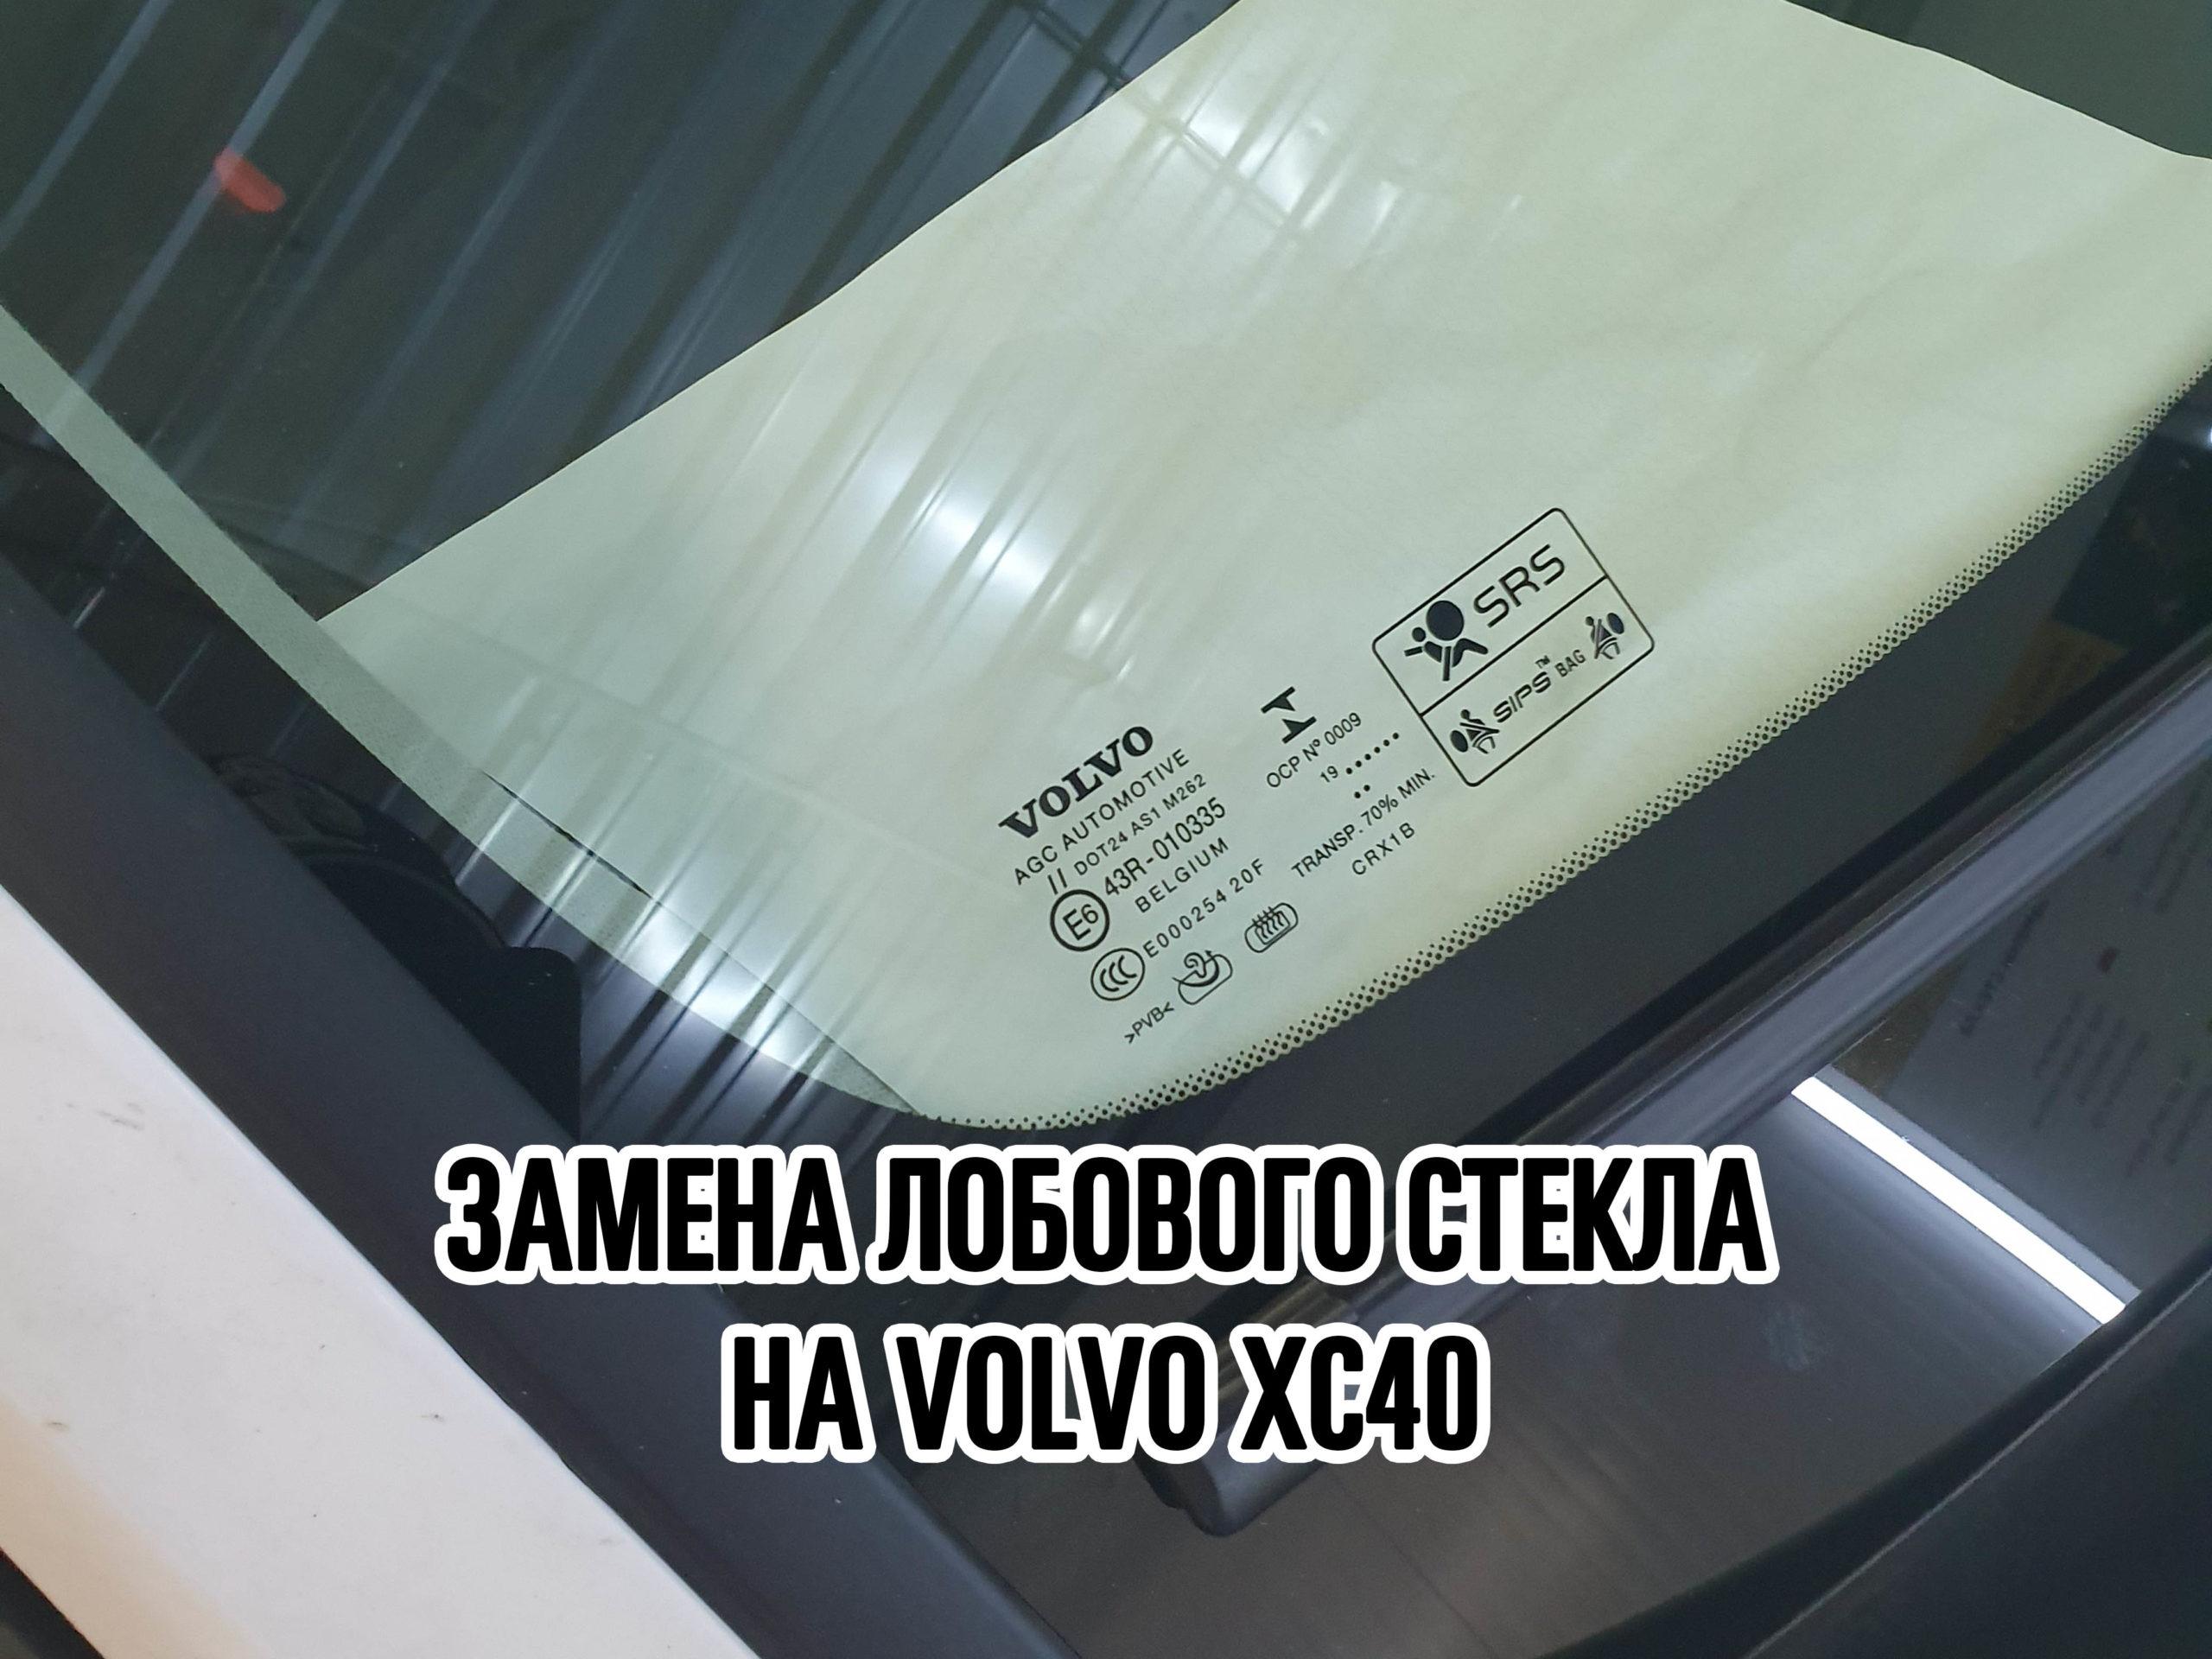 Лобовое стекло на Volvo XC40 купить и установить в Москве